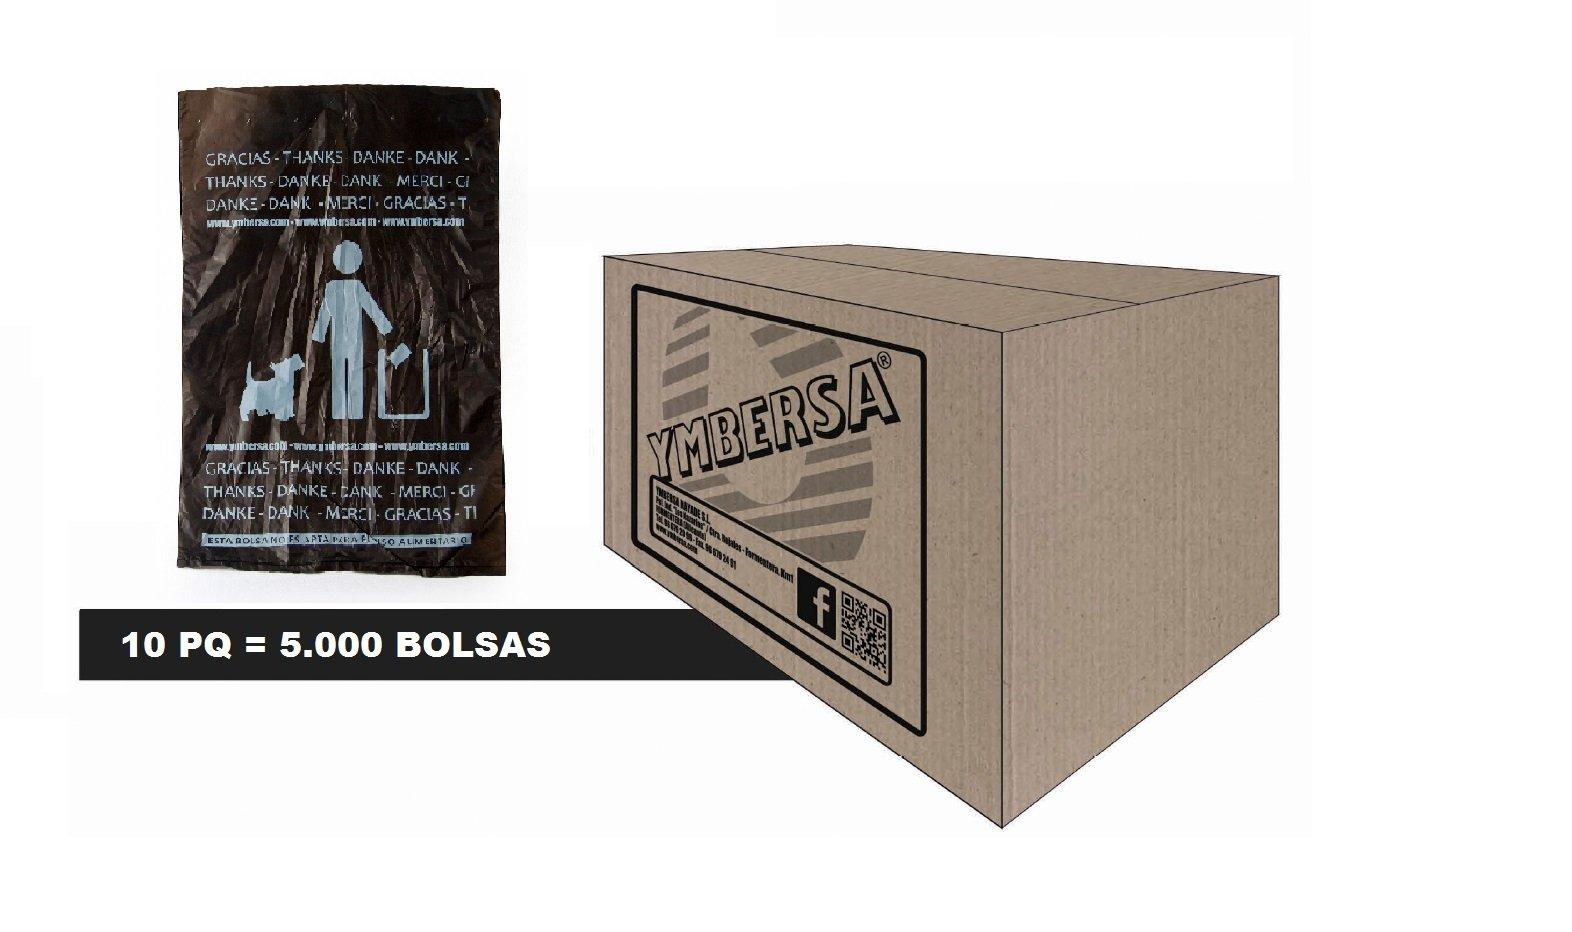 YMBERSA Bolsas para recargas del Estuche Náyade System® Dog Express. Caja 5.000 Unidades (10 PQ de 500 Ud/PQ): Amazon.es: Deportes y aire libre